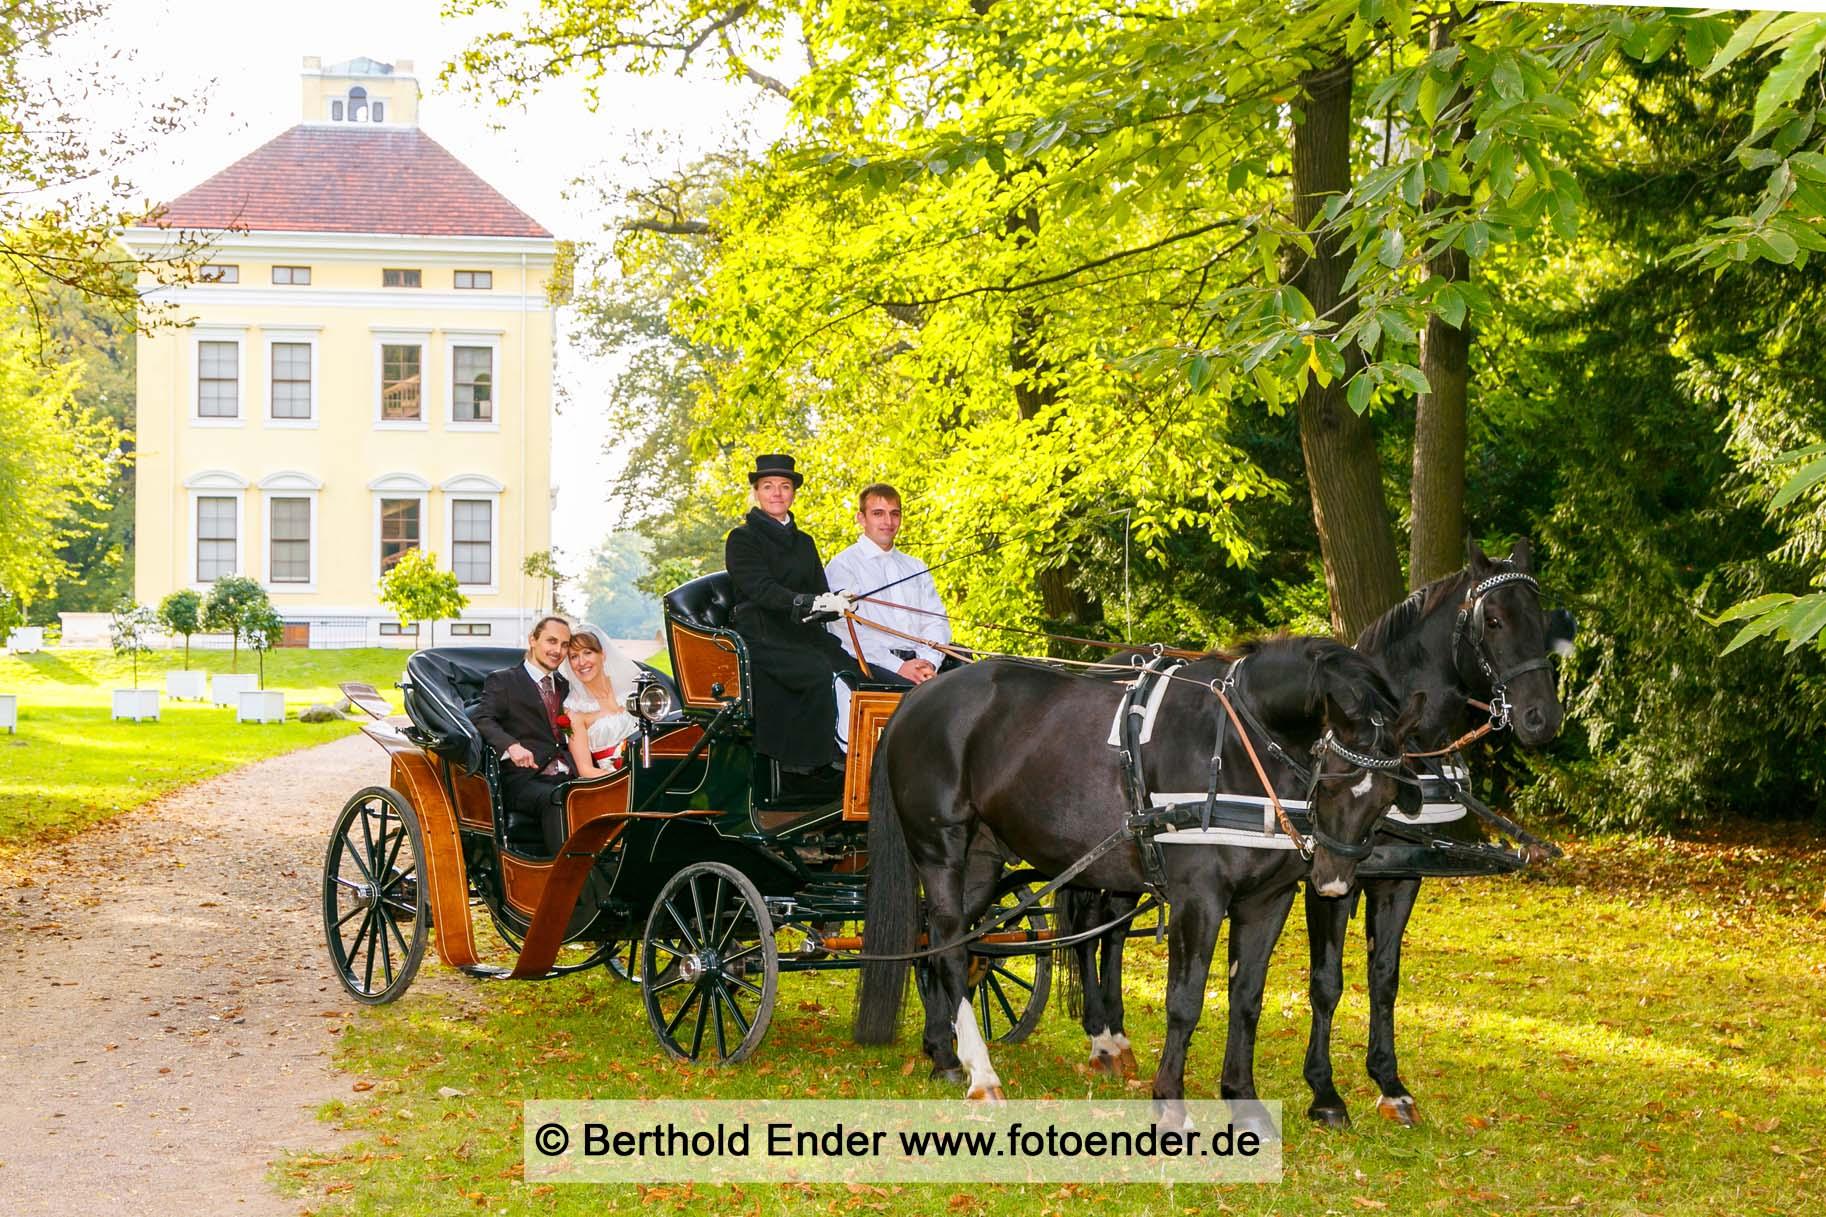 Hochzeitsfkutsche im Luisium: Fotostudio Ender, Oranienbaum-Wörlitz